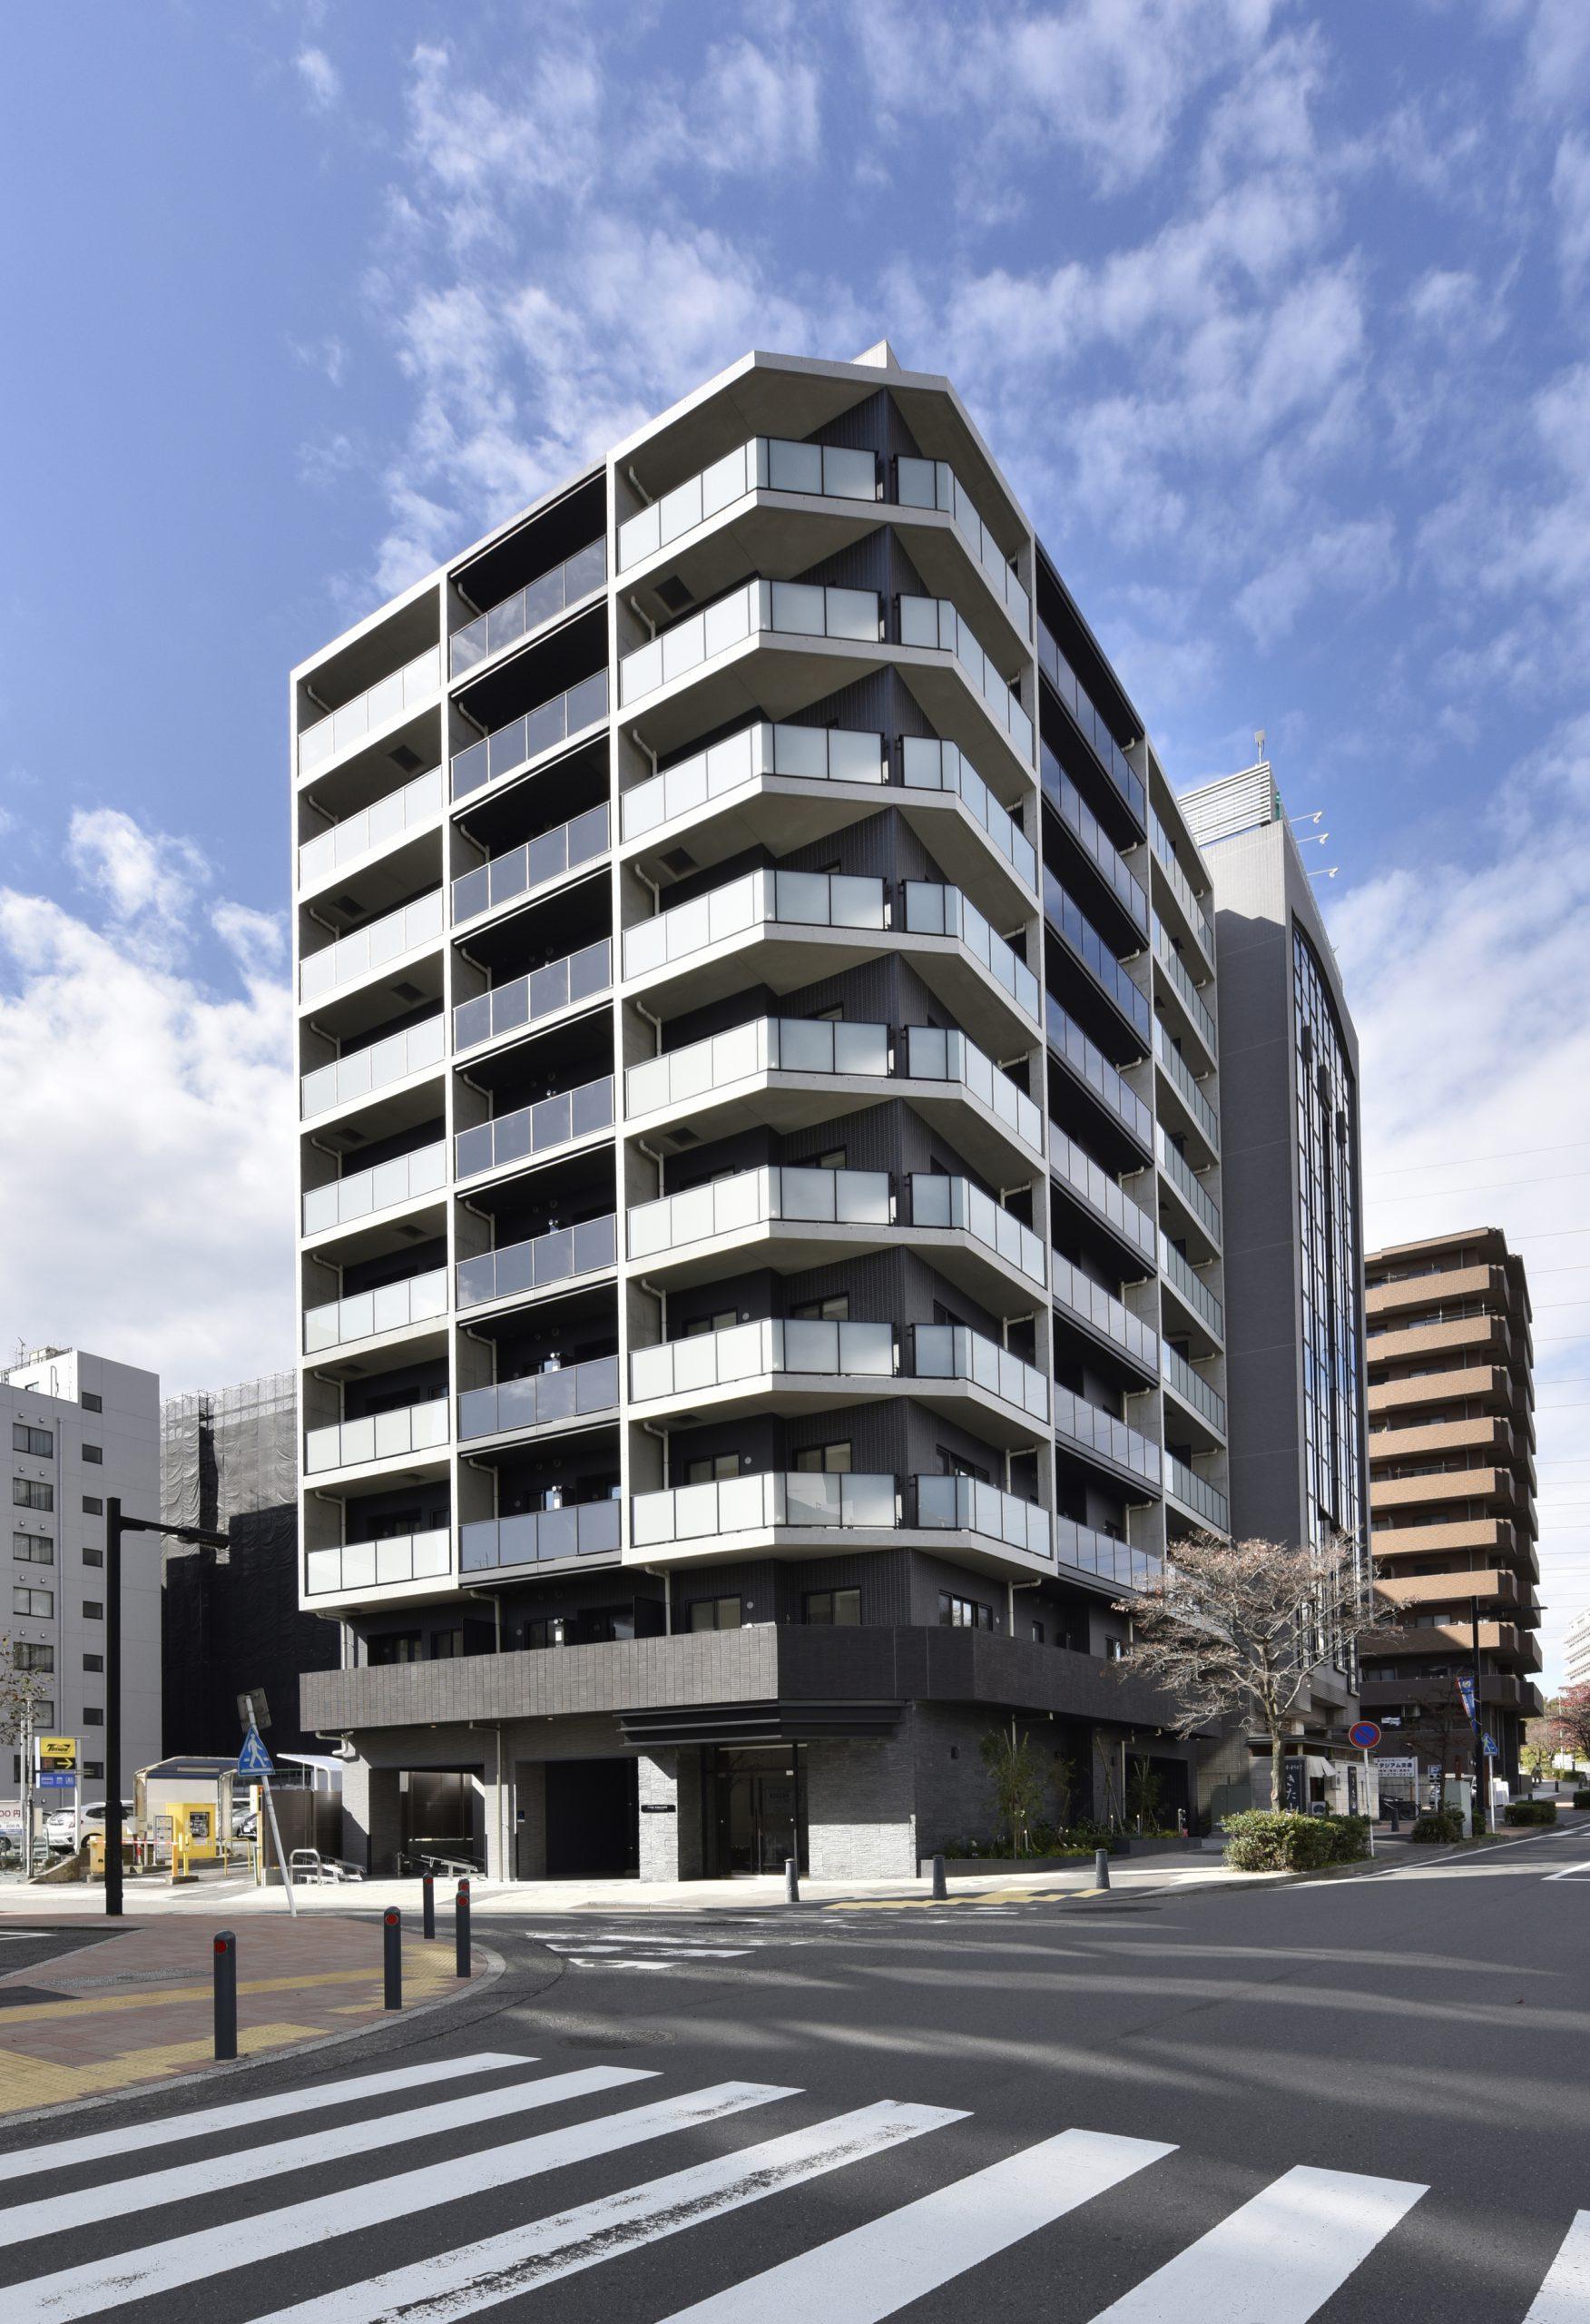 ファインスクエア新横浜 イメージ